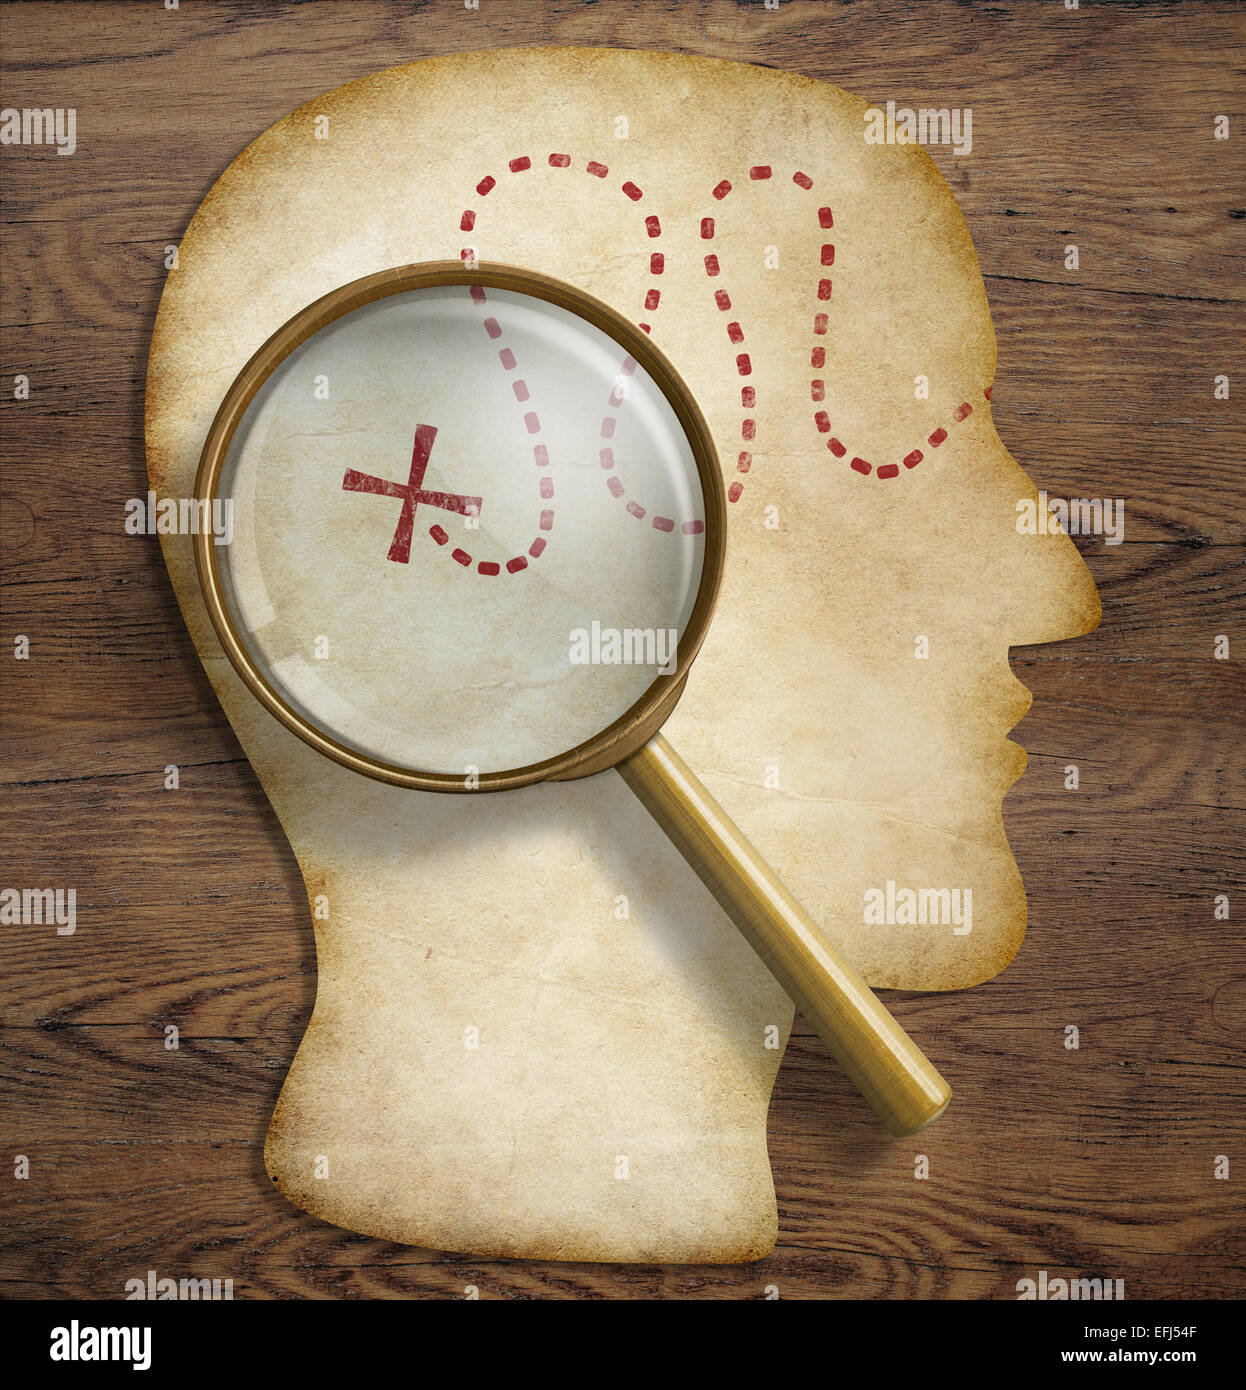 Gehirn, innere Welt, Psychologie, Talent Erforschung und Entdeckung Konzept. Stockbild